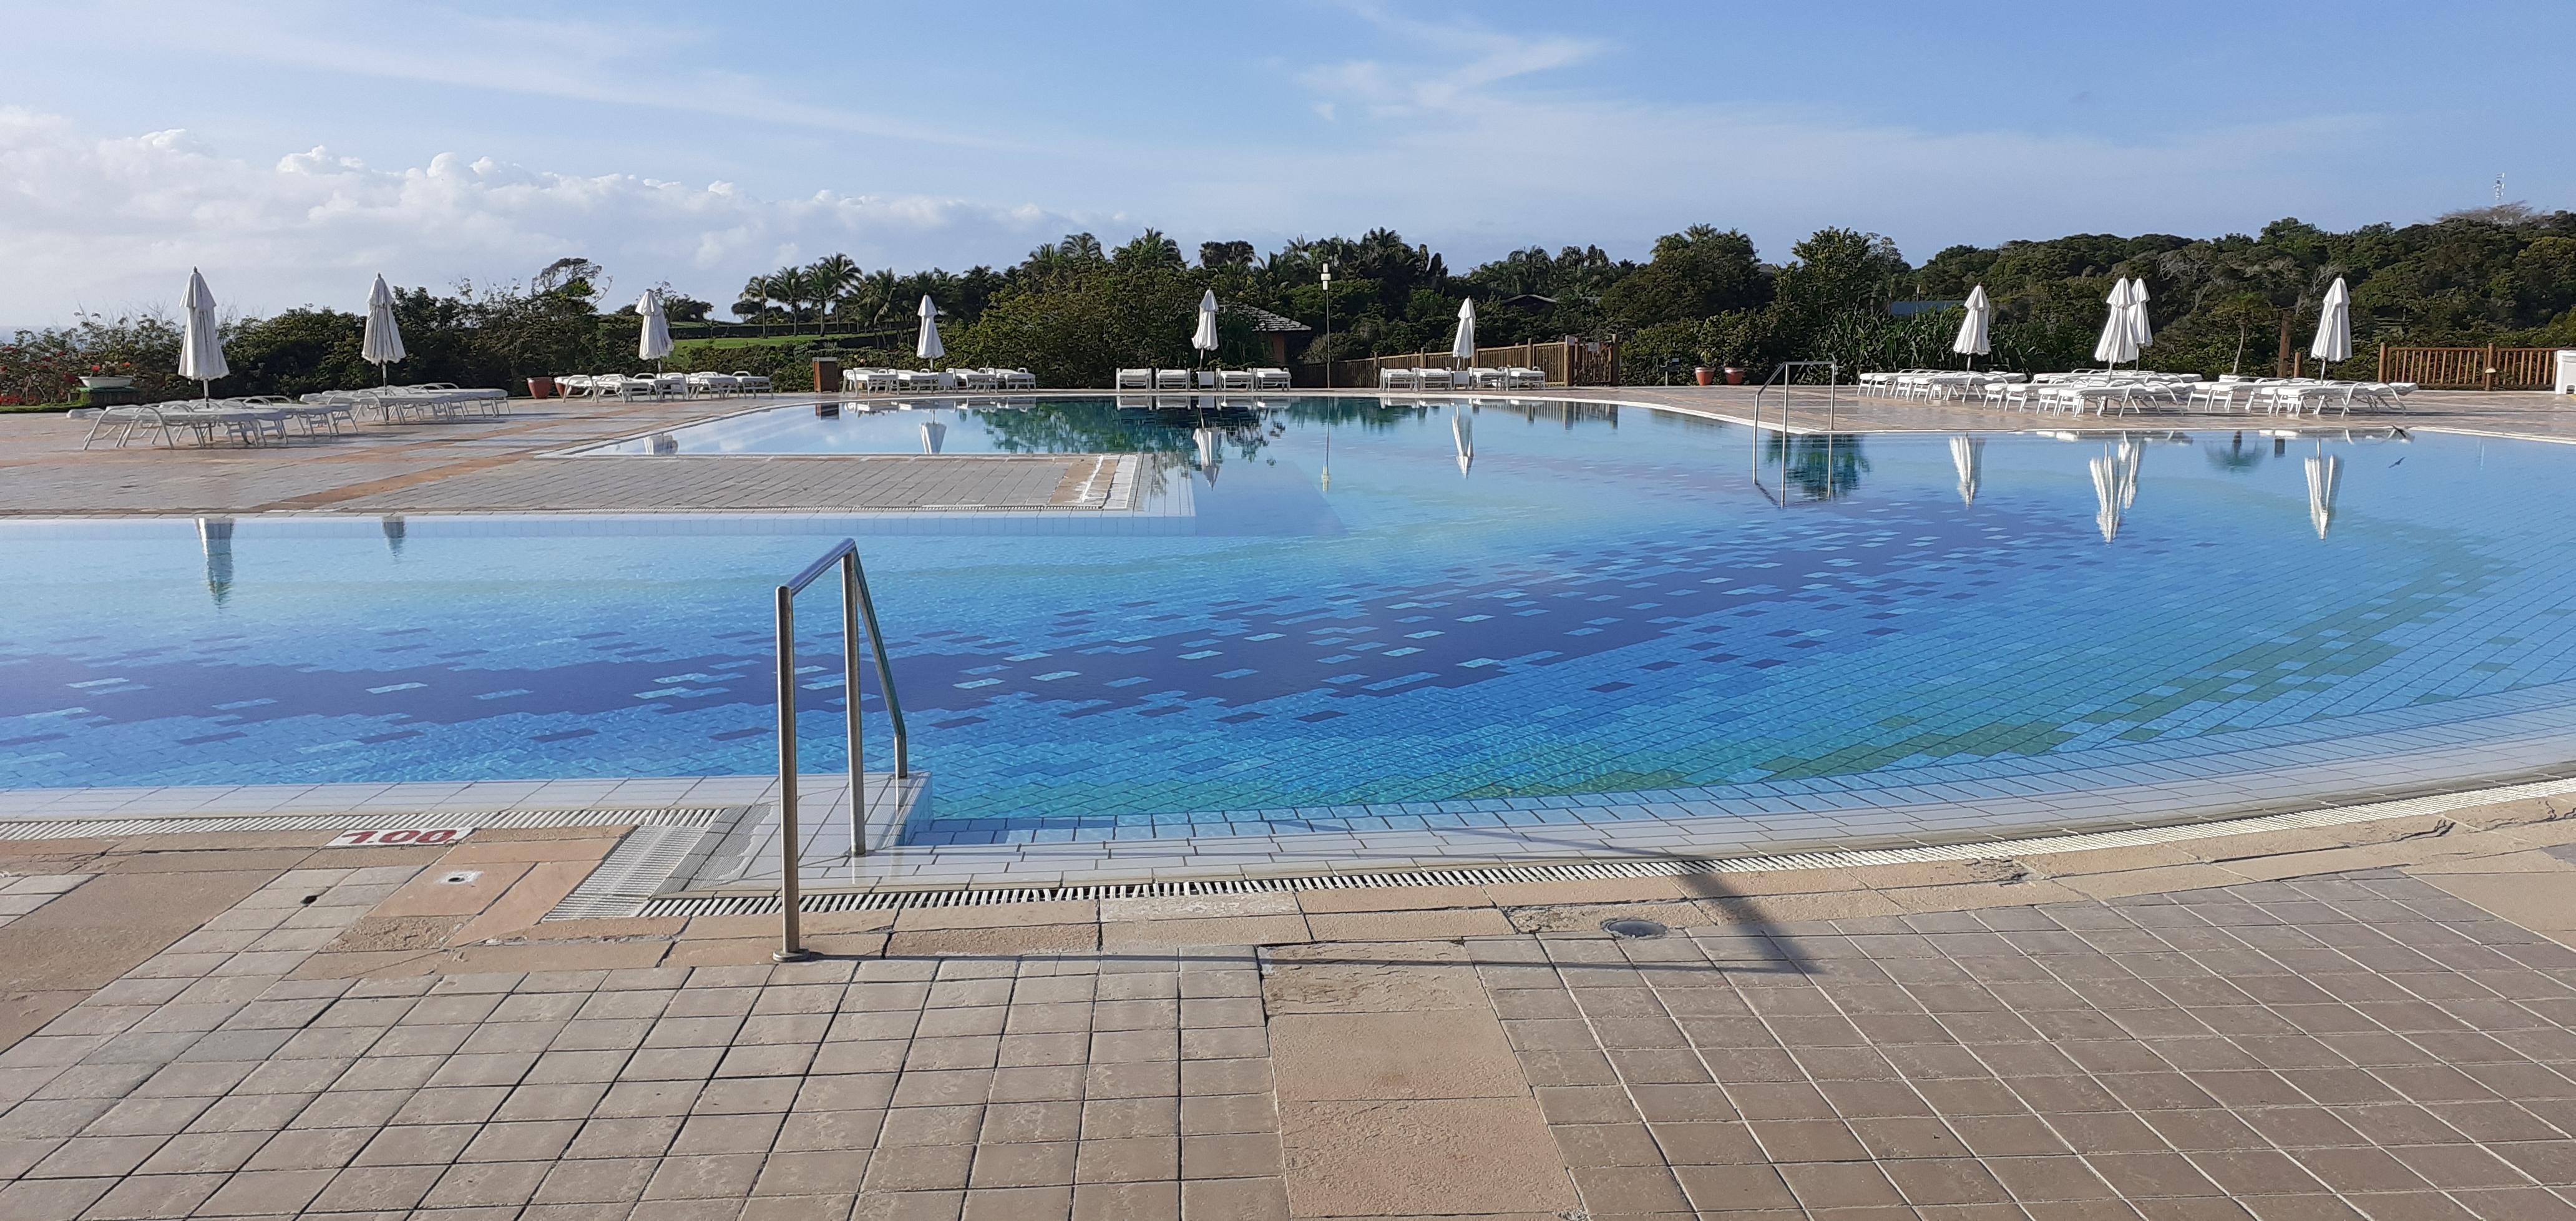 O pedaço rasinho da piscina, ao lado das raias de natação